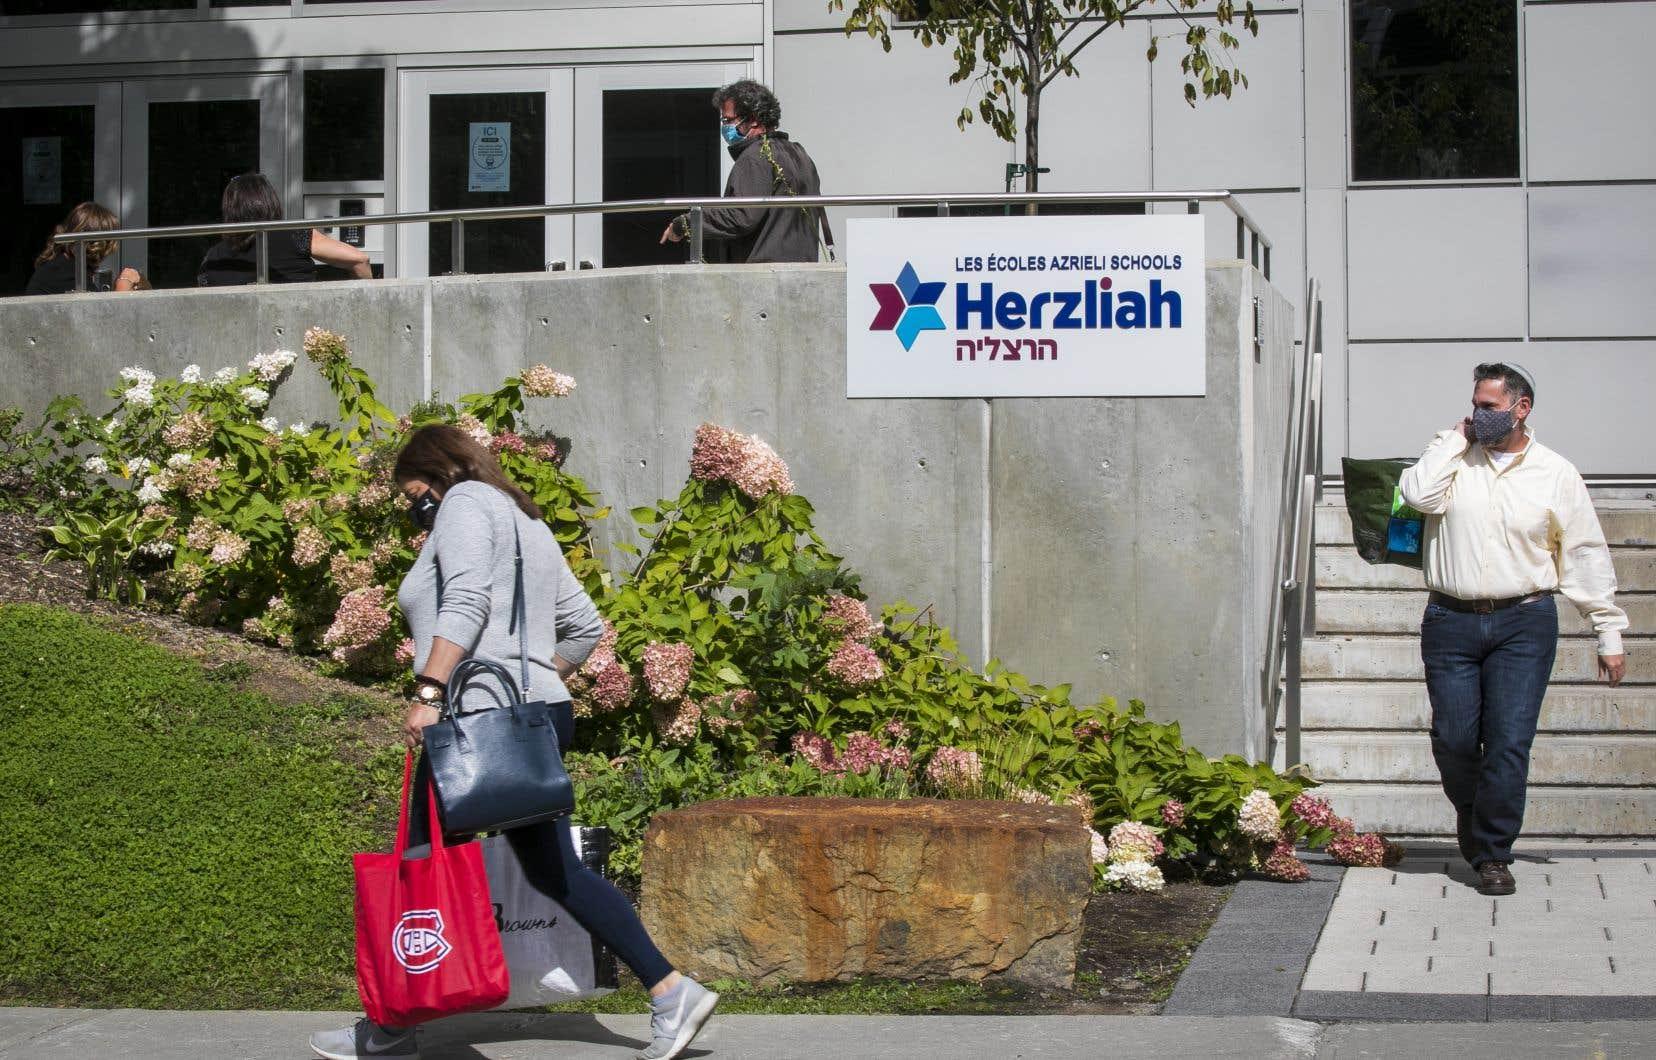 L'école secondaire privéeHerzliah, située dans Côte-des-Neiges–Notre-Dame-de-Grâce, poursuivra l'enseignement à distance.